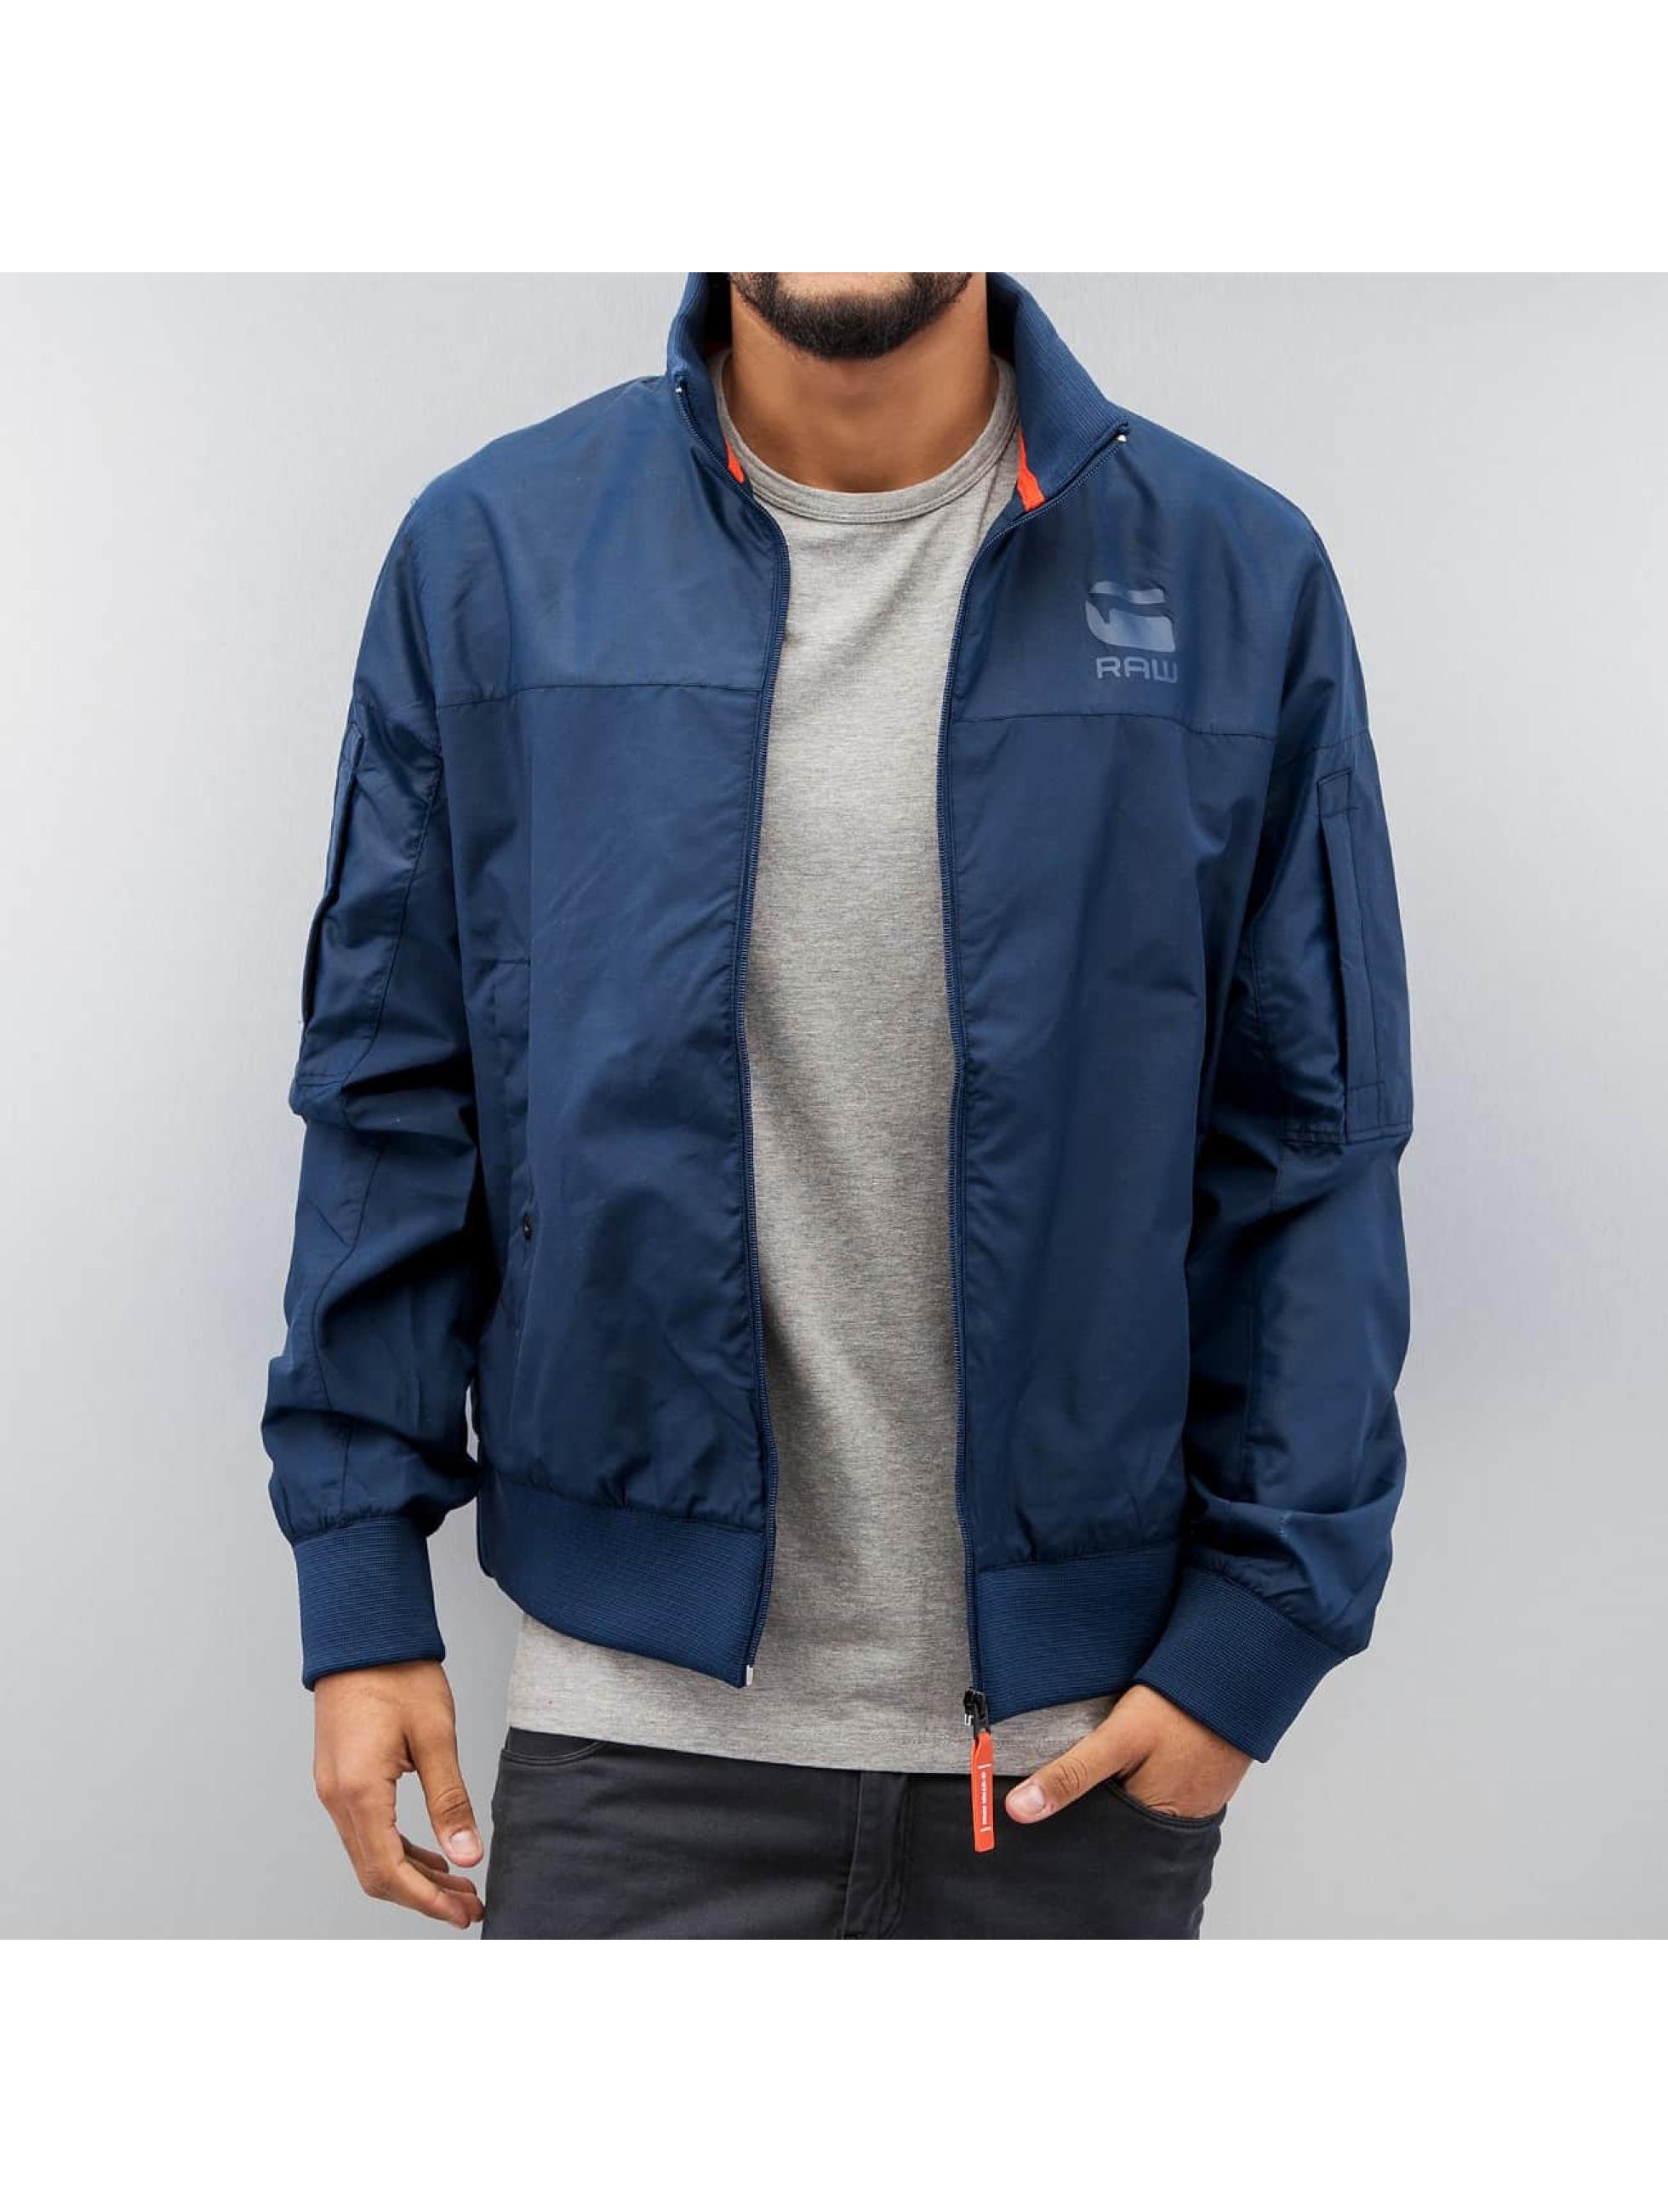 Een jas draag je dagelijks en kan dan een groot verschil maken in je outfit. Ook als het op het weer aan komt kunnen verschillende type jassen uitkomst bieden. In de winter wil je graag een fijne winterjas kopen en in de zomer een lichtere zoals een zomerjas.